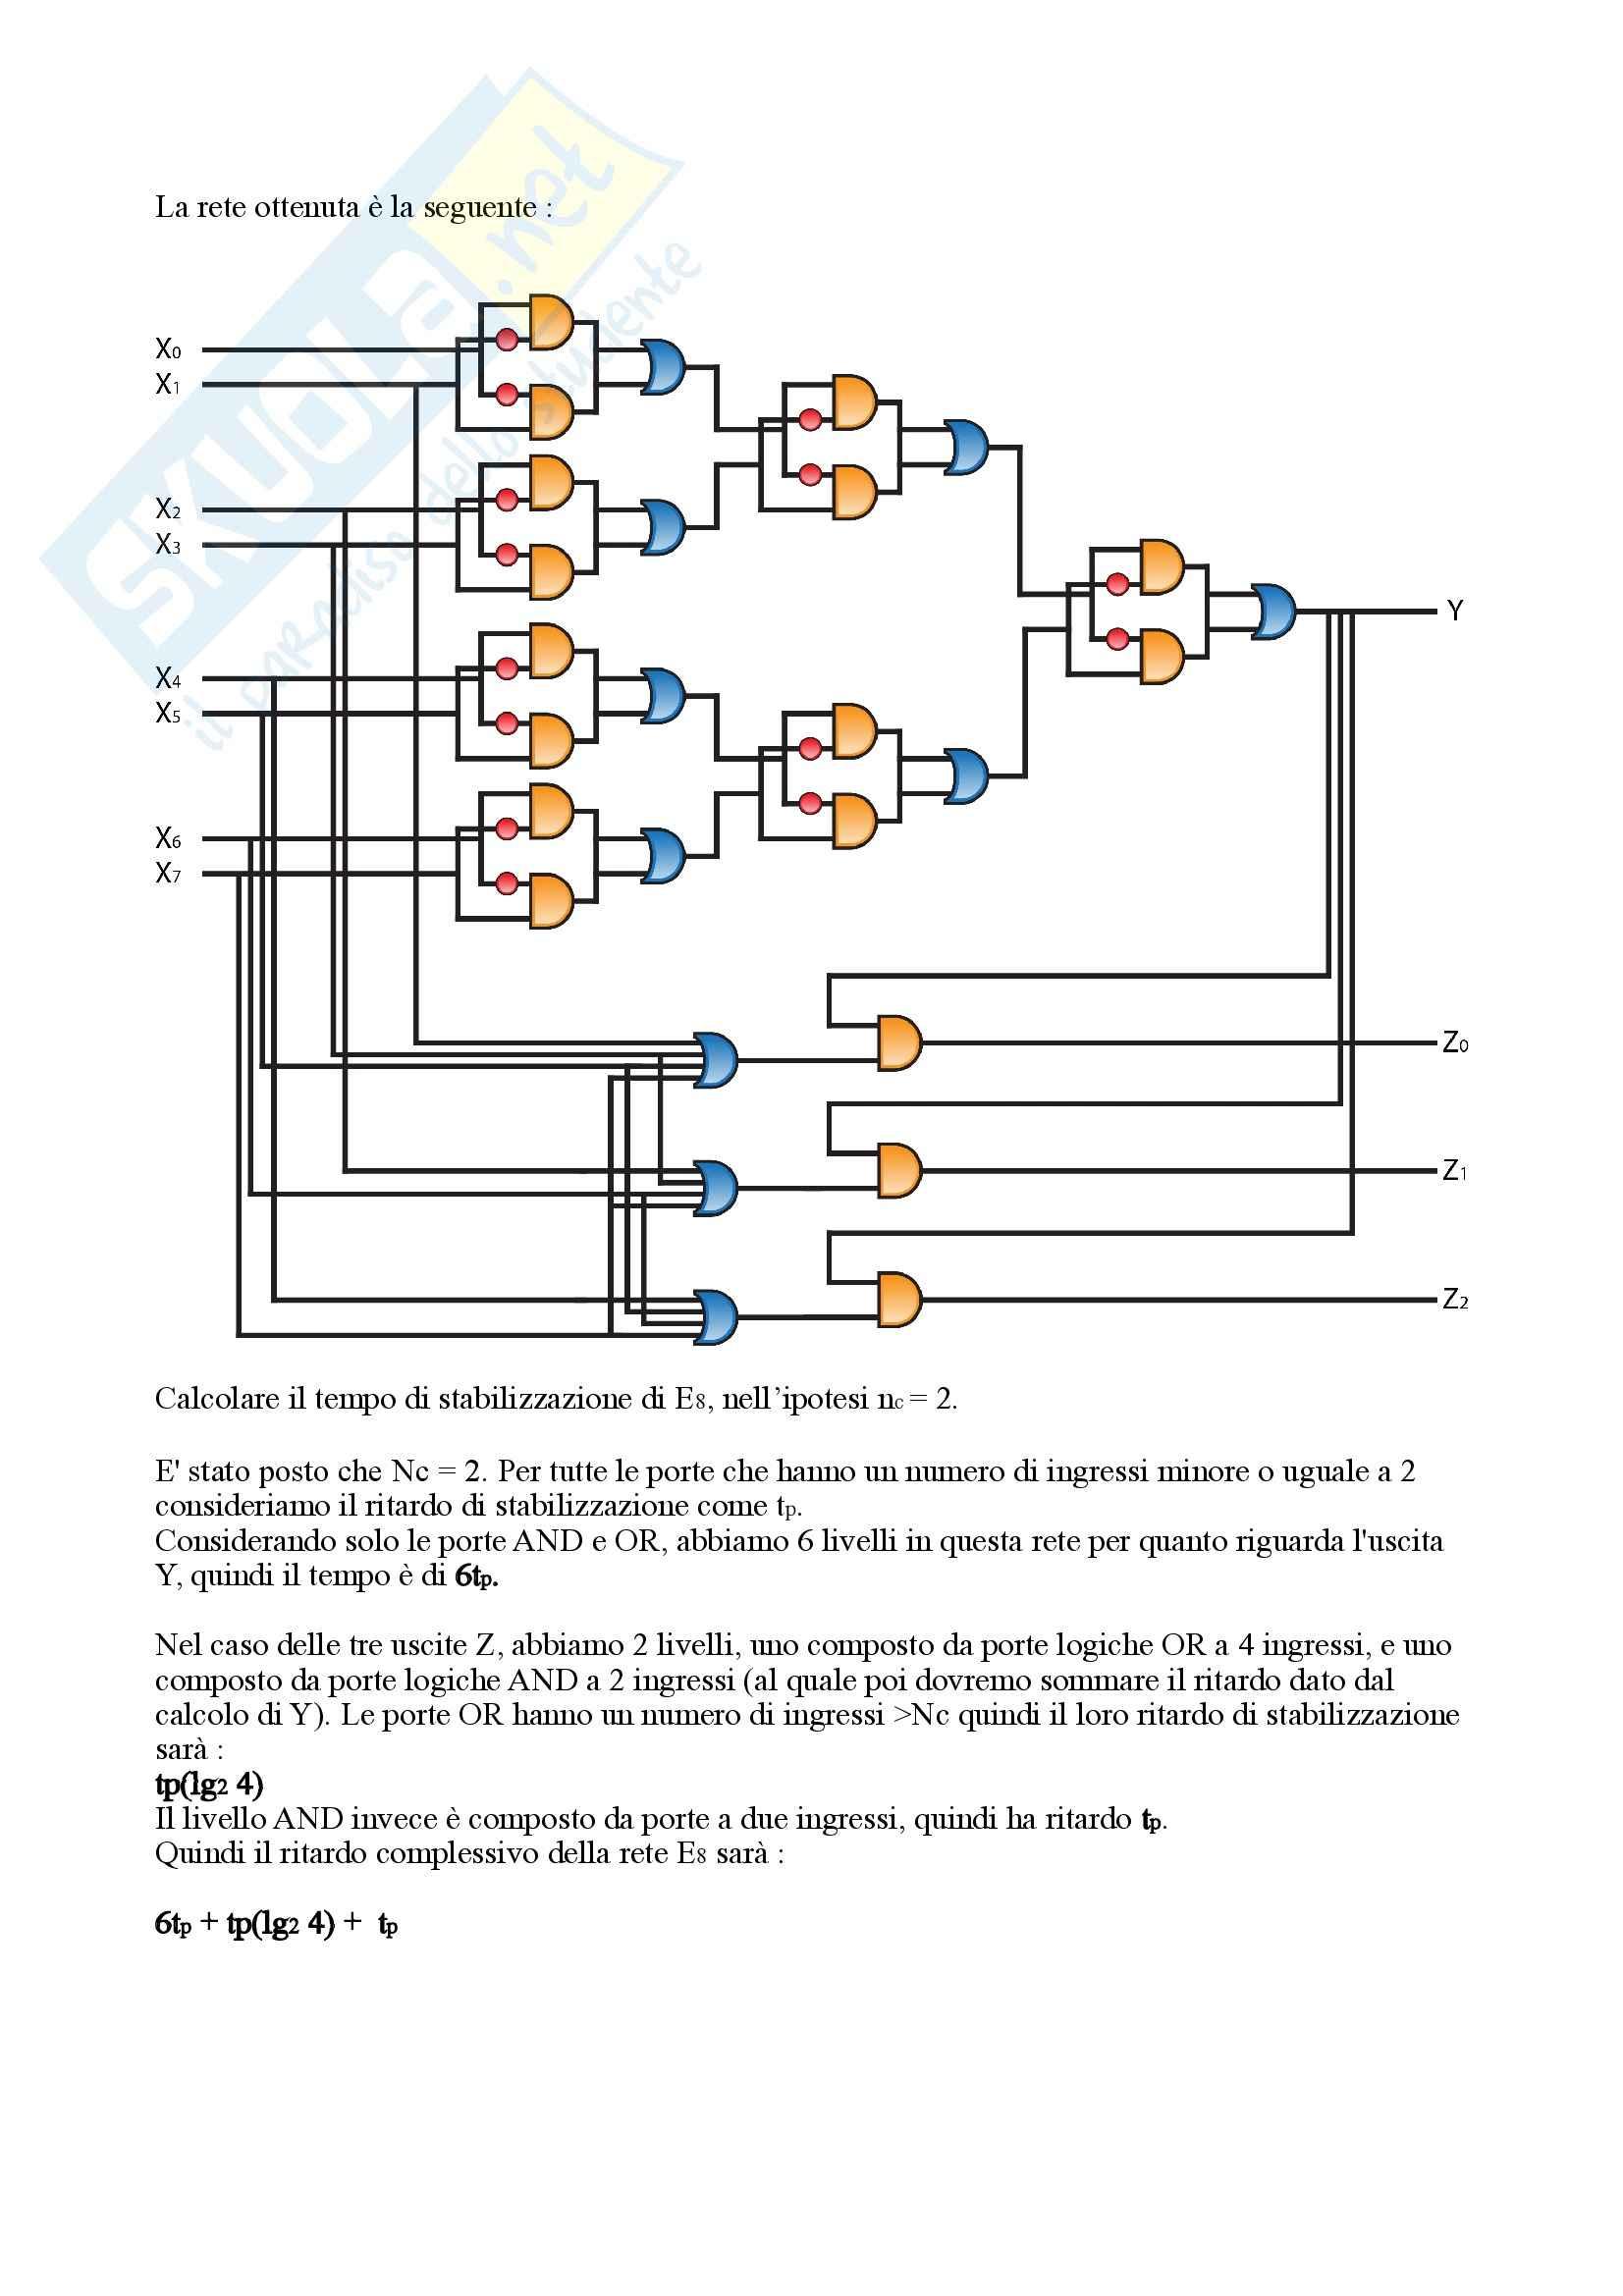 Architettura degli elaboratori - Esercitazione Pag. 2